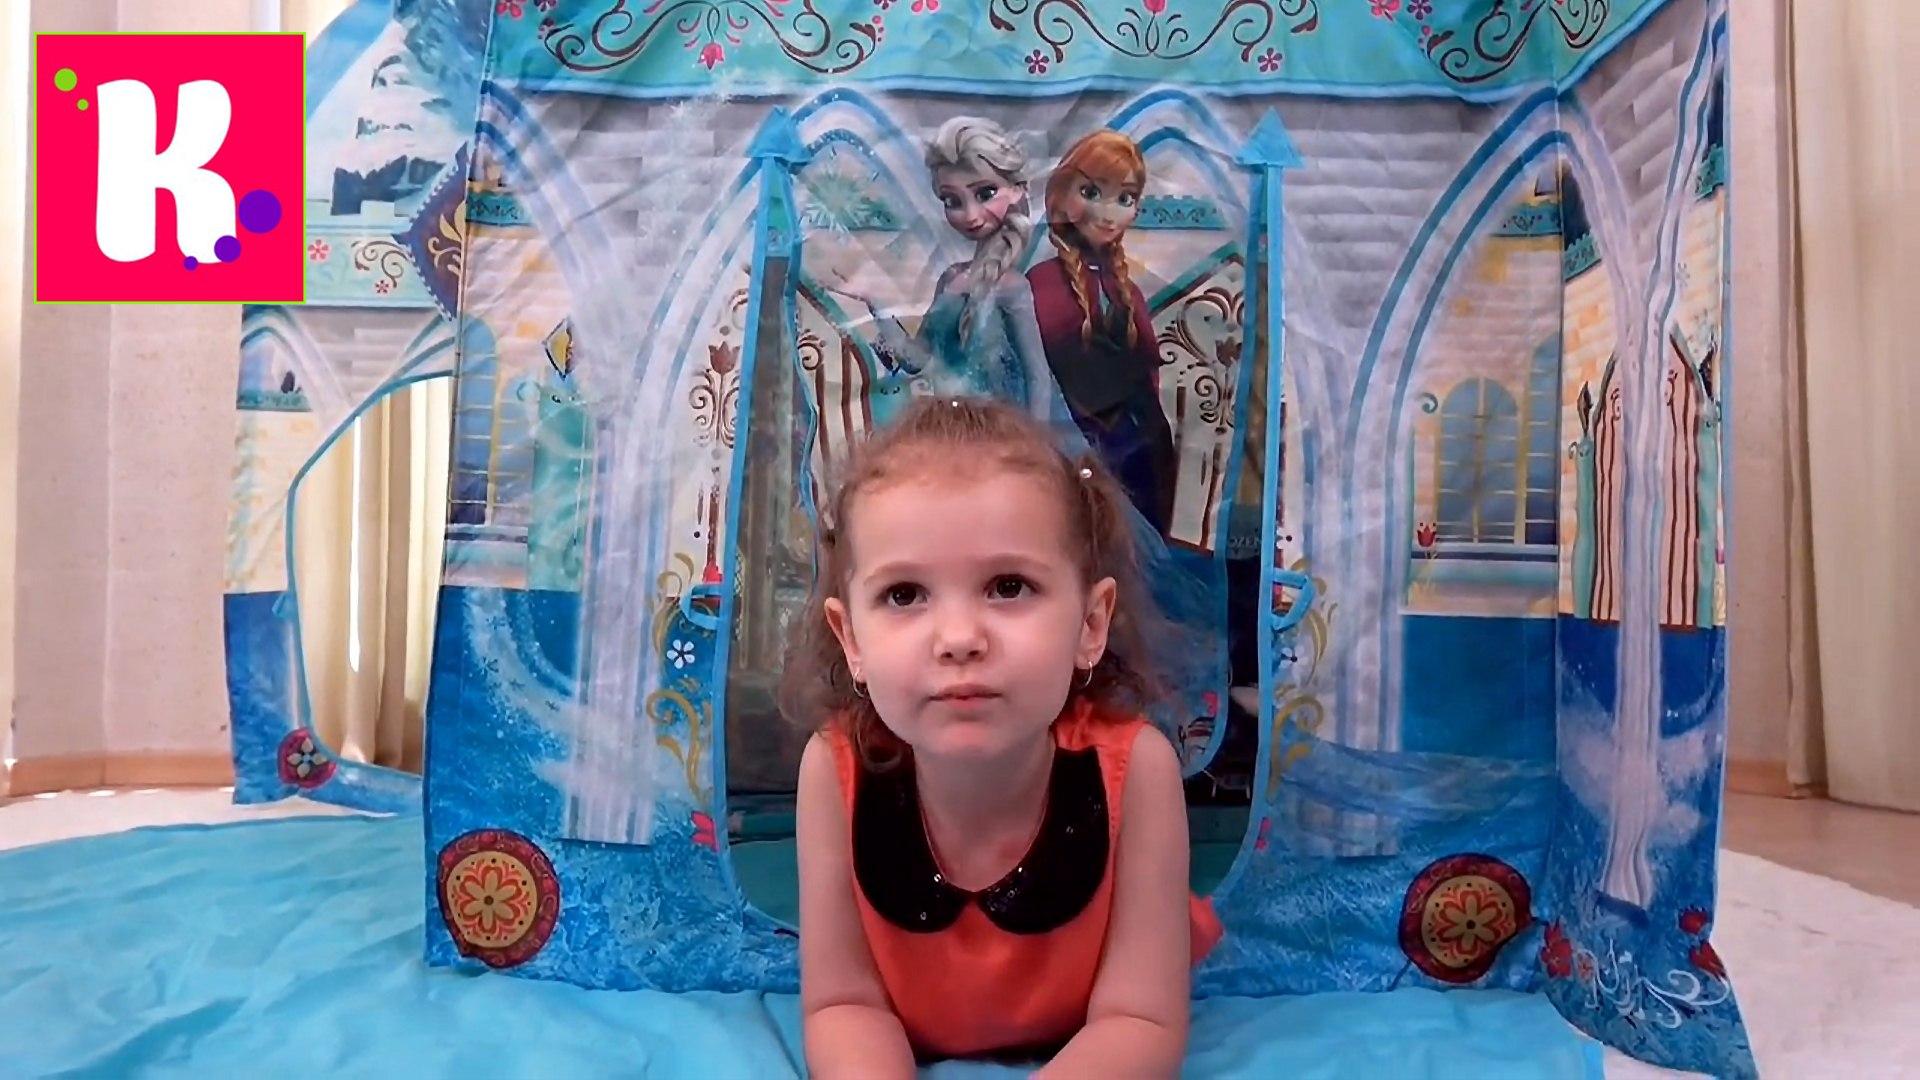 Замок Принцессы Эльза и Анна Дисней Холодное Сердце игрушки Фроузен распаковка конфет Джелли Белли н